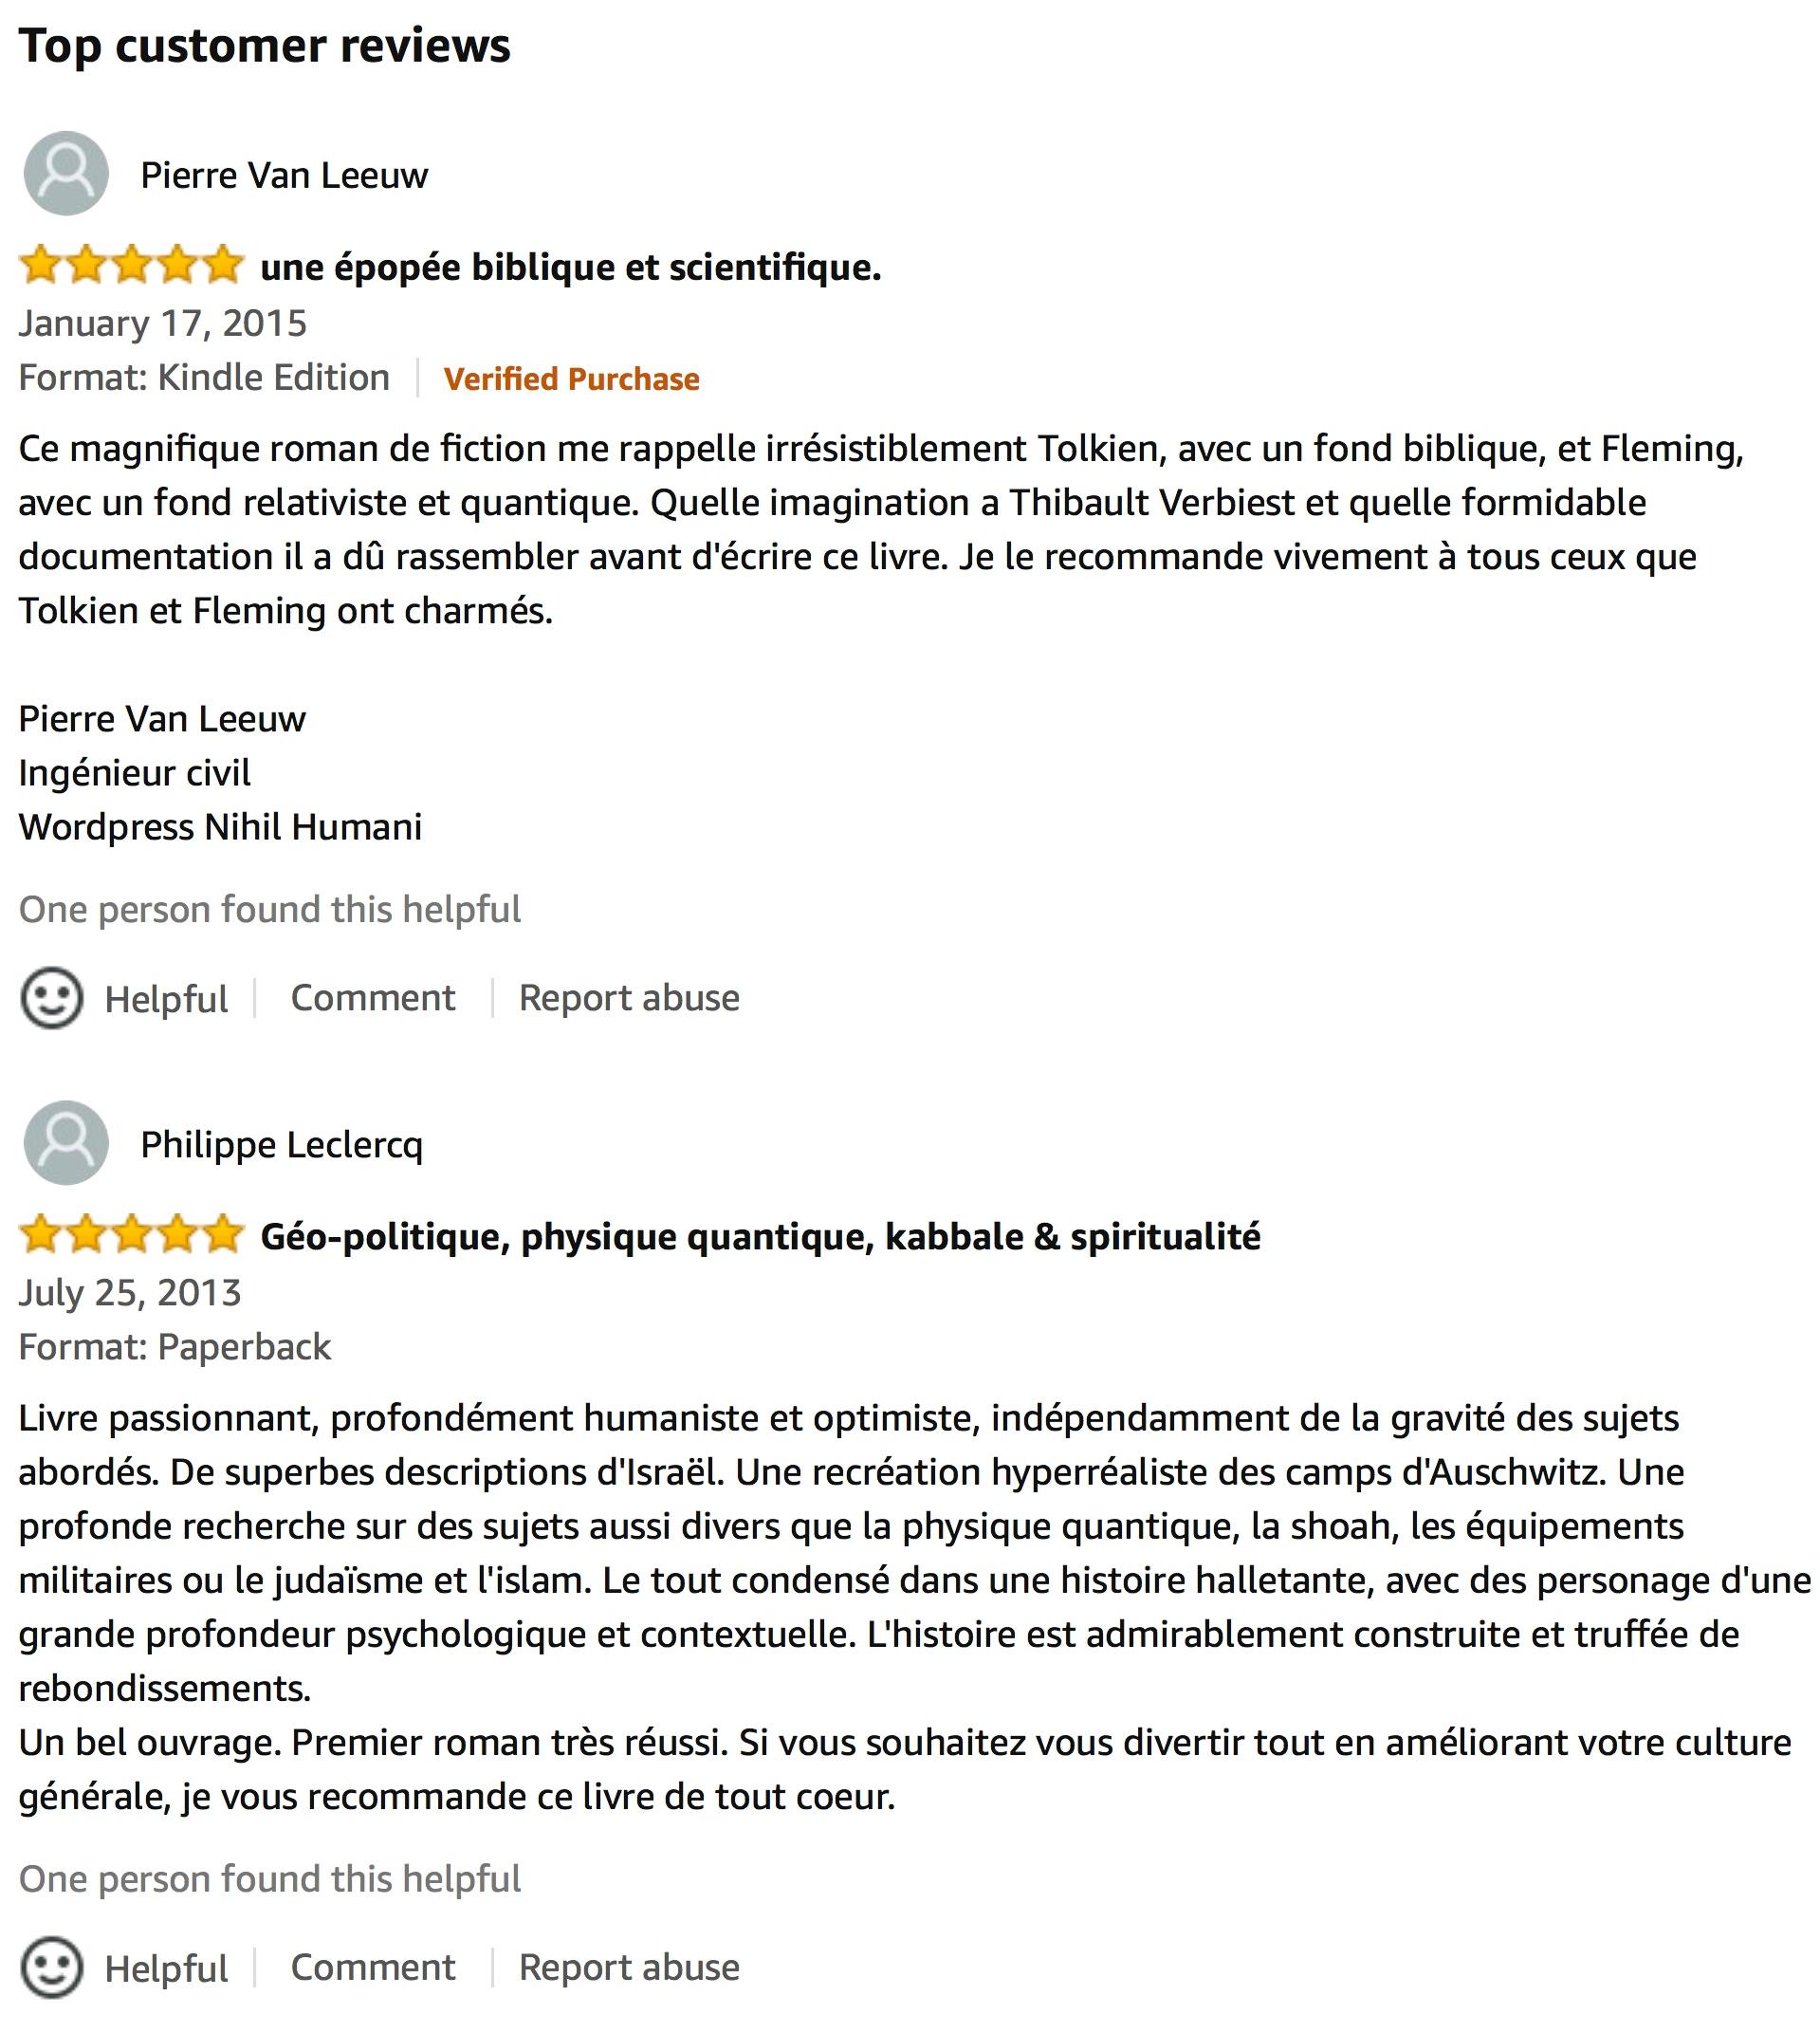 Commentaires sur amazon.com à propos d'Amalek version française